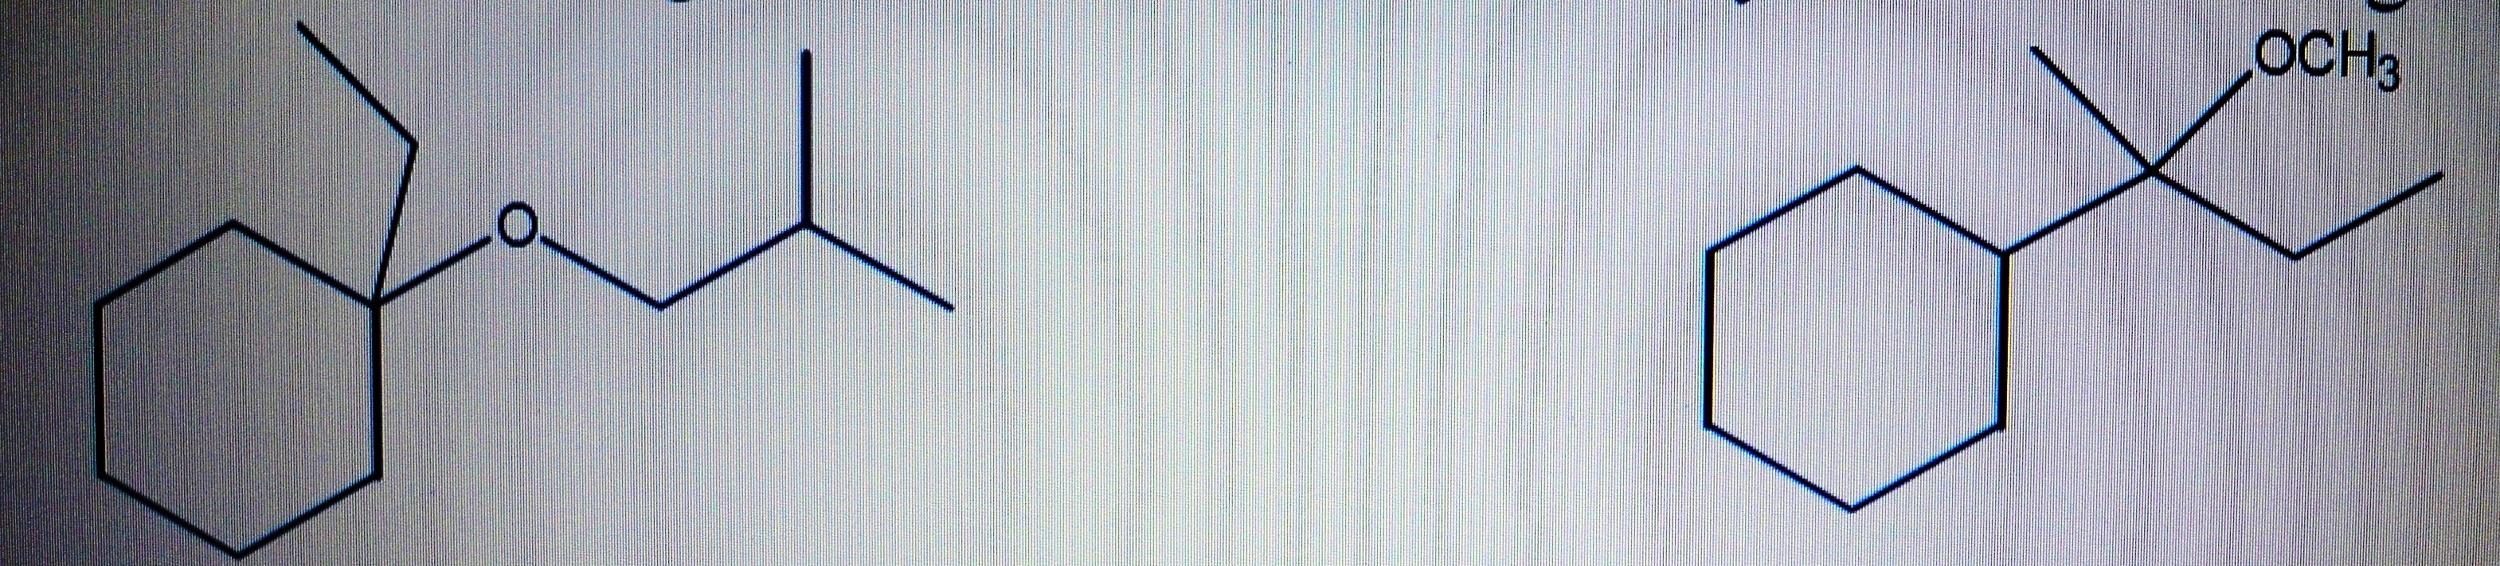 media/5f2/5f21a935-bf10-417b-a214-60